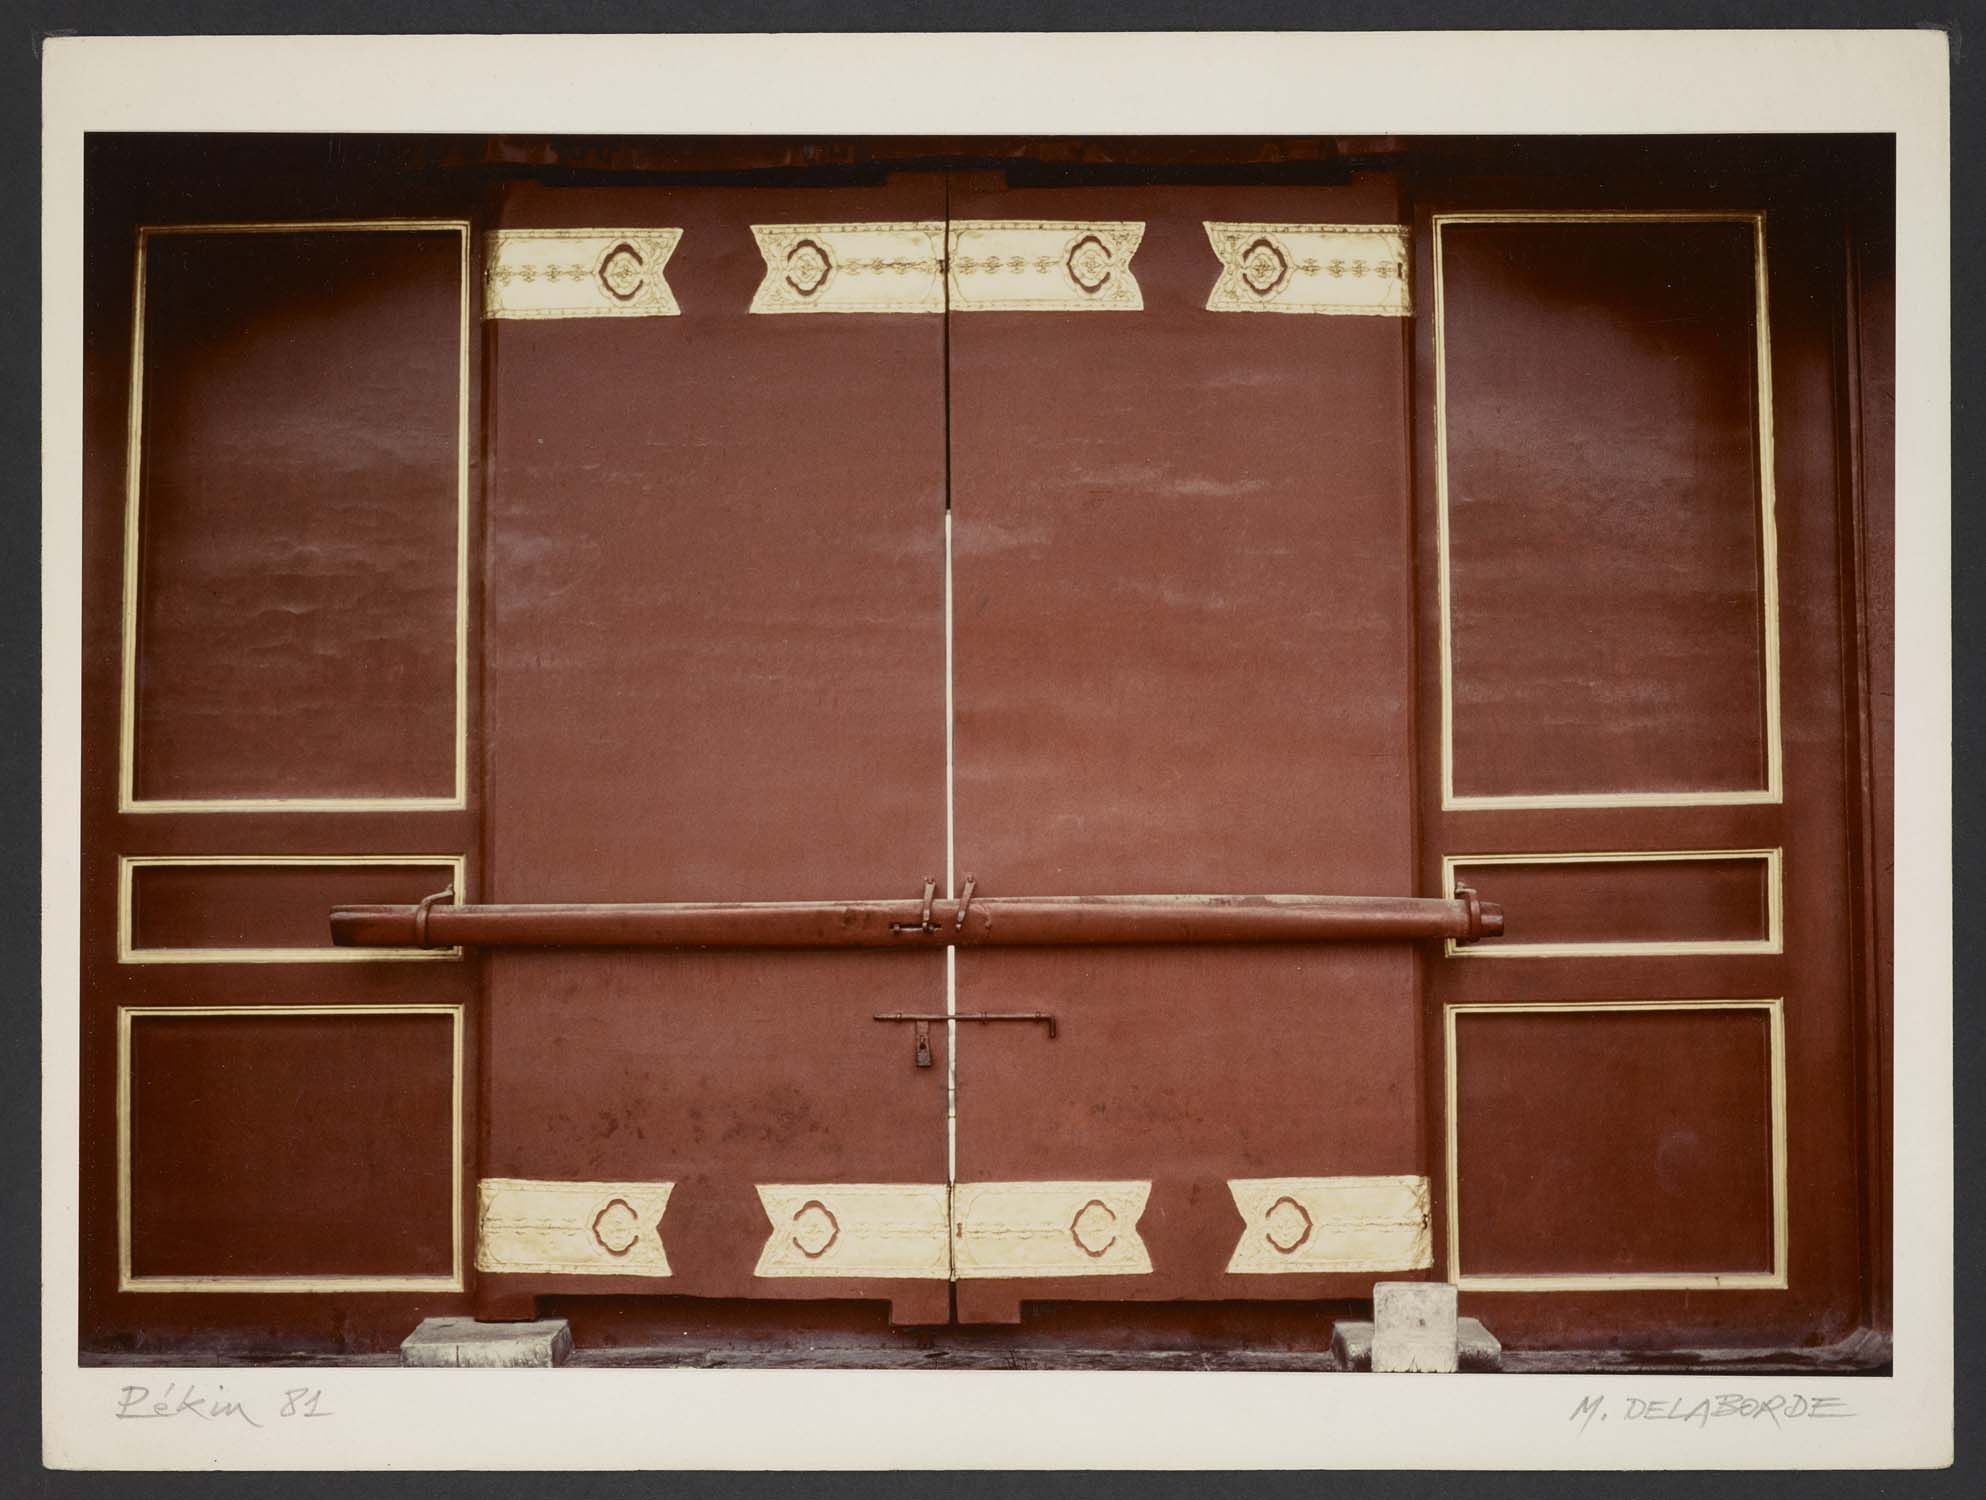 Michel Delaborde, Beijing (Pékin), (porte) 1981. © Ministère de la culture (France), Médiathèque de l'architecture et du patrimoine, Diffusion RMN-GP